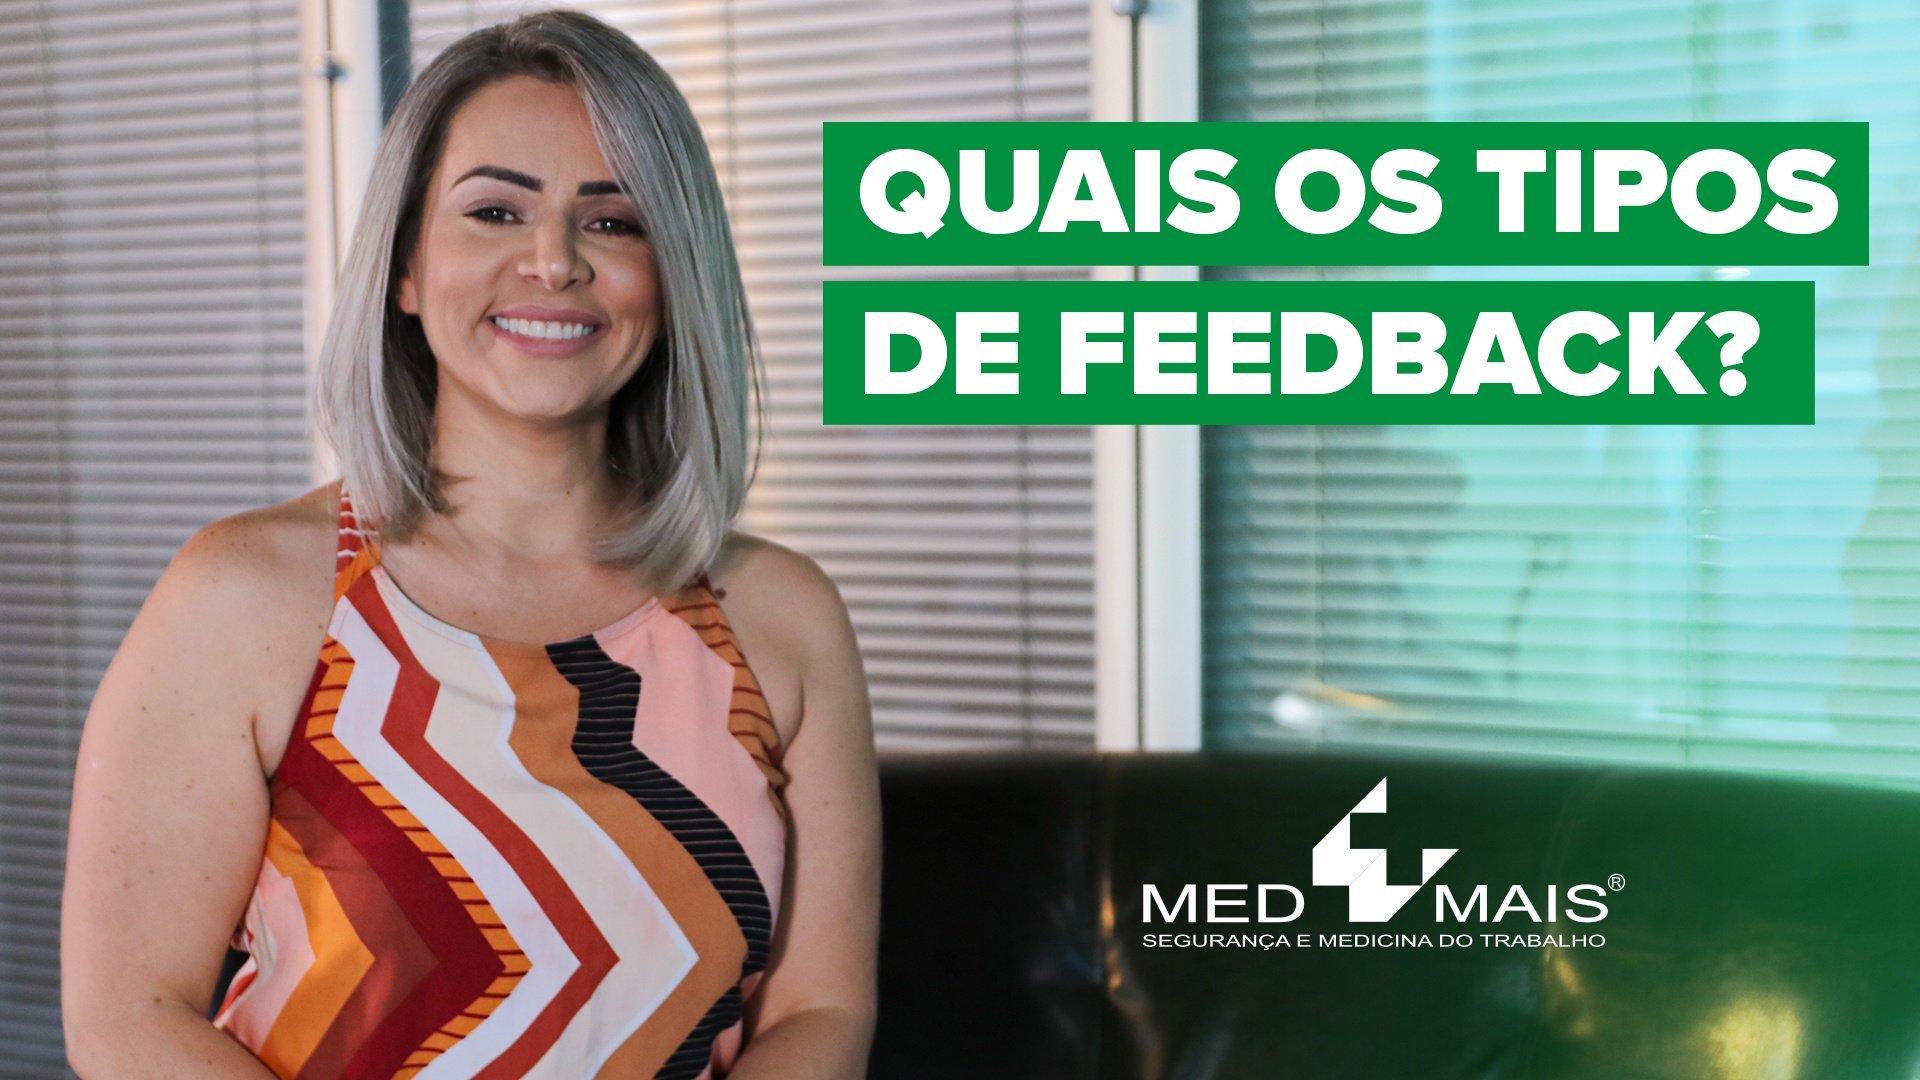 Quais os tipos de feedback?